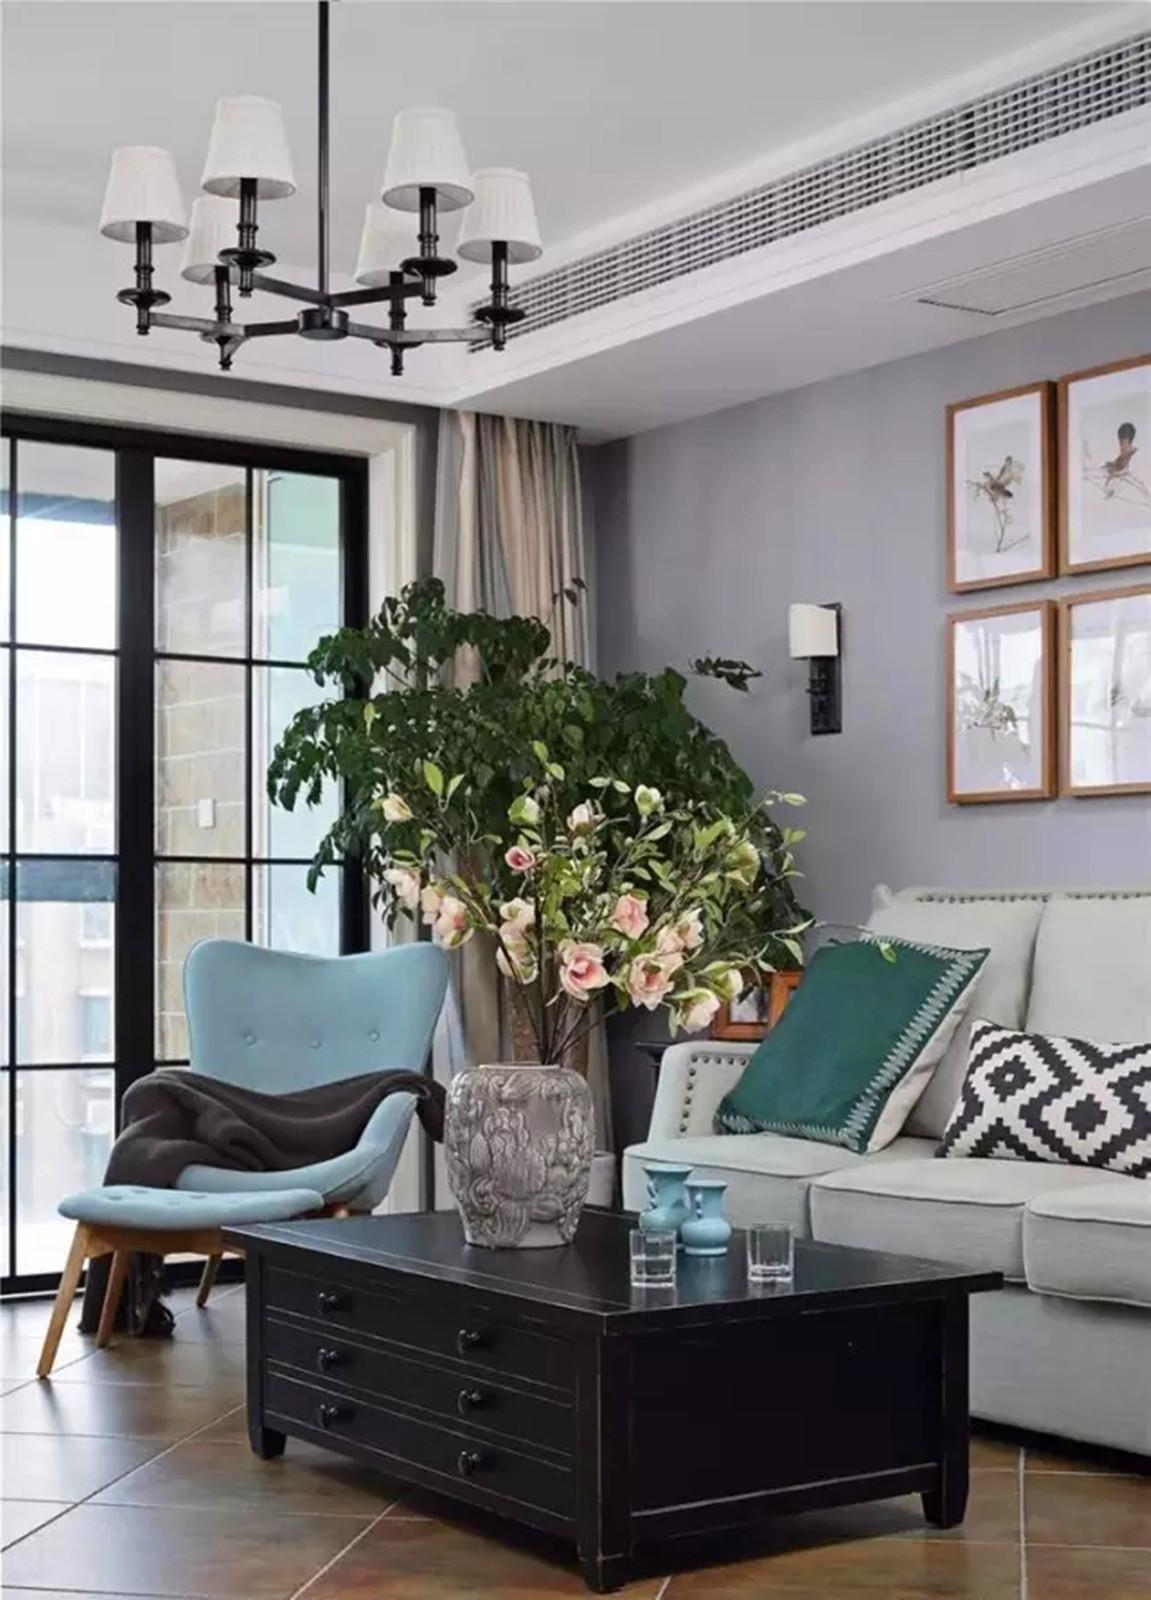 美式 三居 轻盈 舒适 客厅图片来自高度国际装饰宋增会在碧桂园118平米美式设计的分享